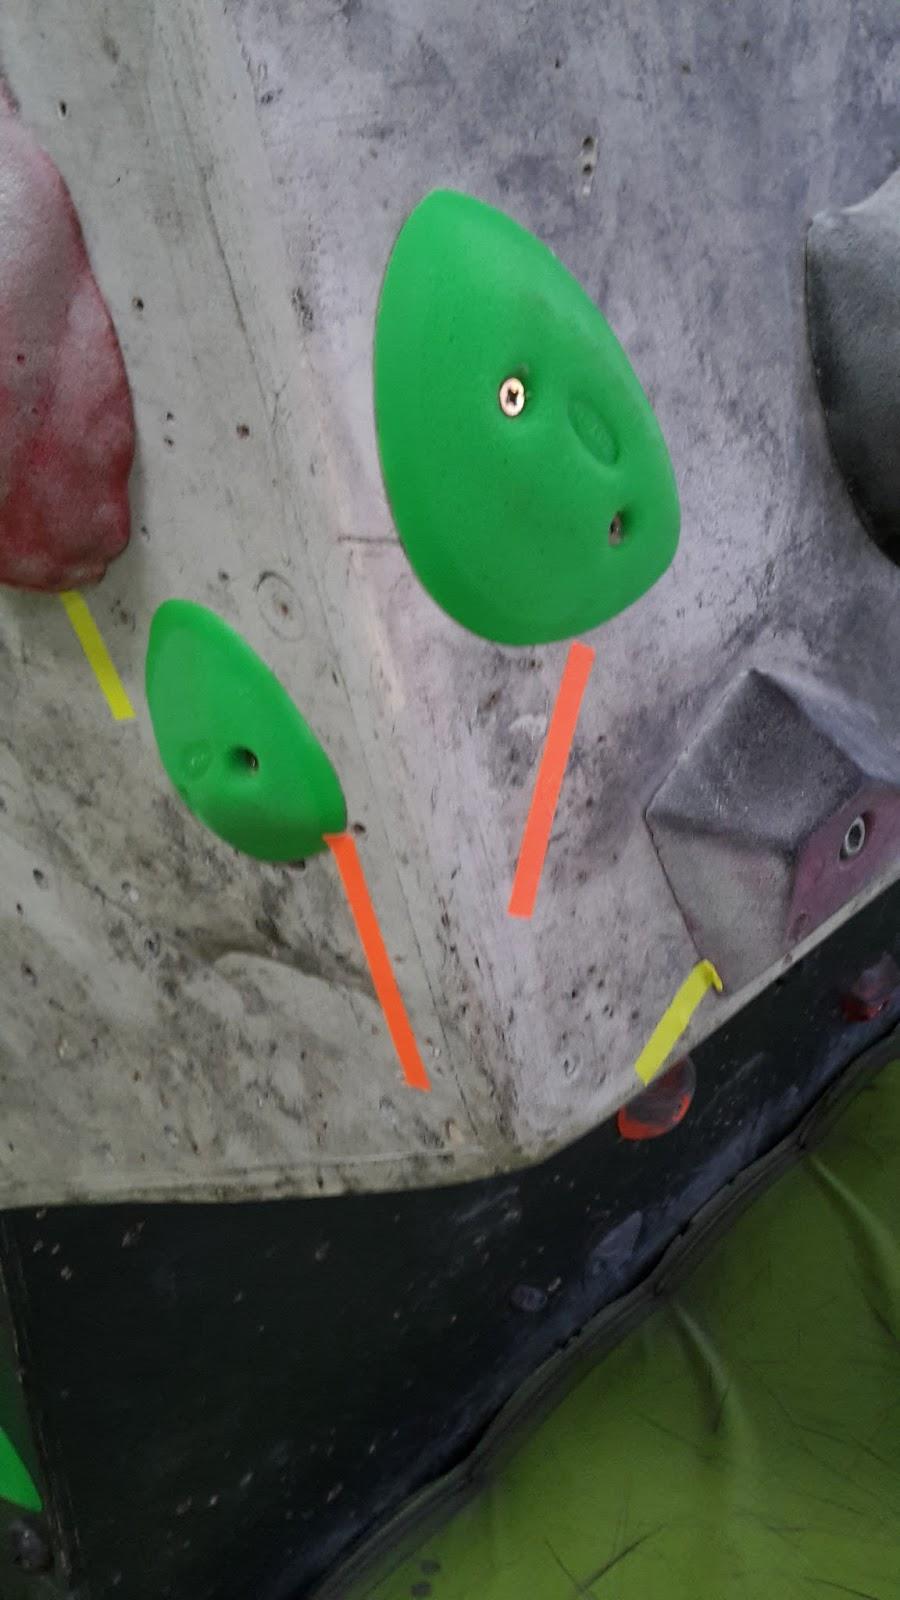 Nuevo circuito verde, bloques fosforito nuevos, flathold nuevos 5